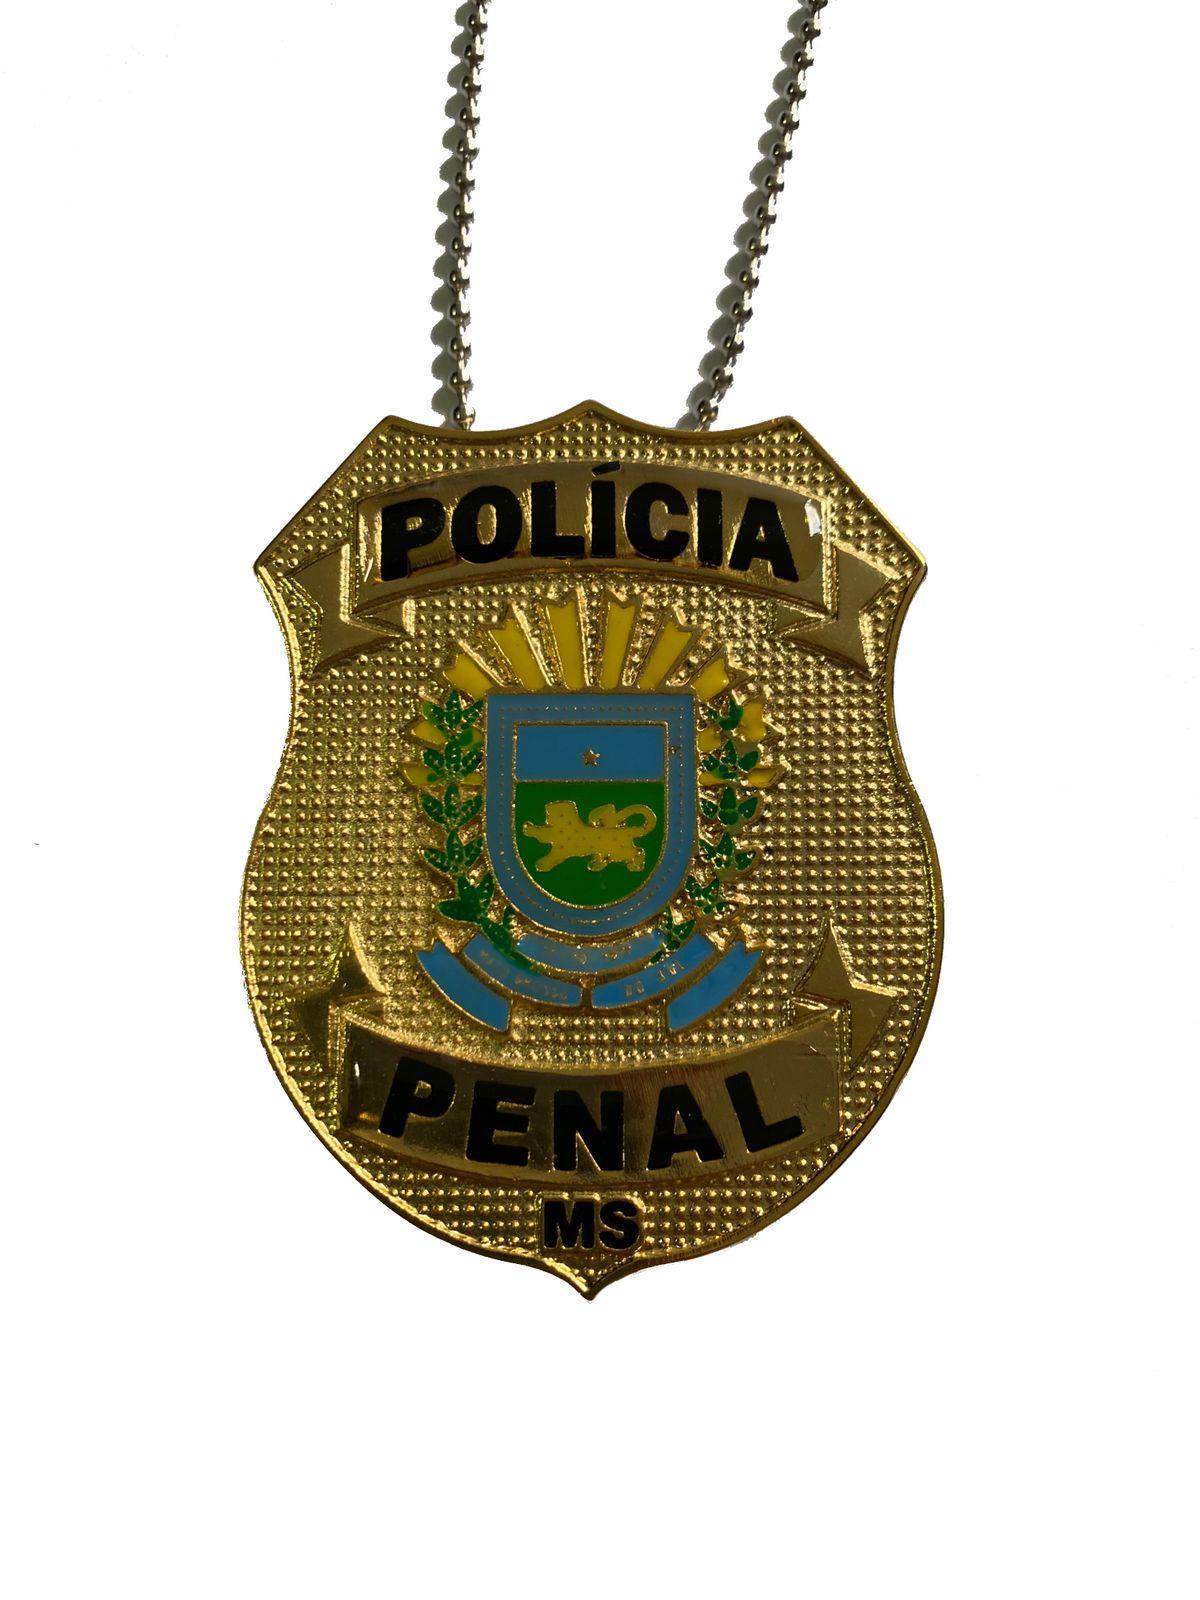 POLÍCIA PENAL MATO GROSSO DO SUL - PPMS